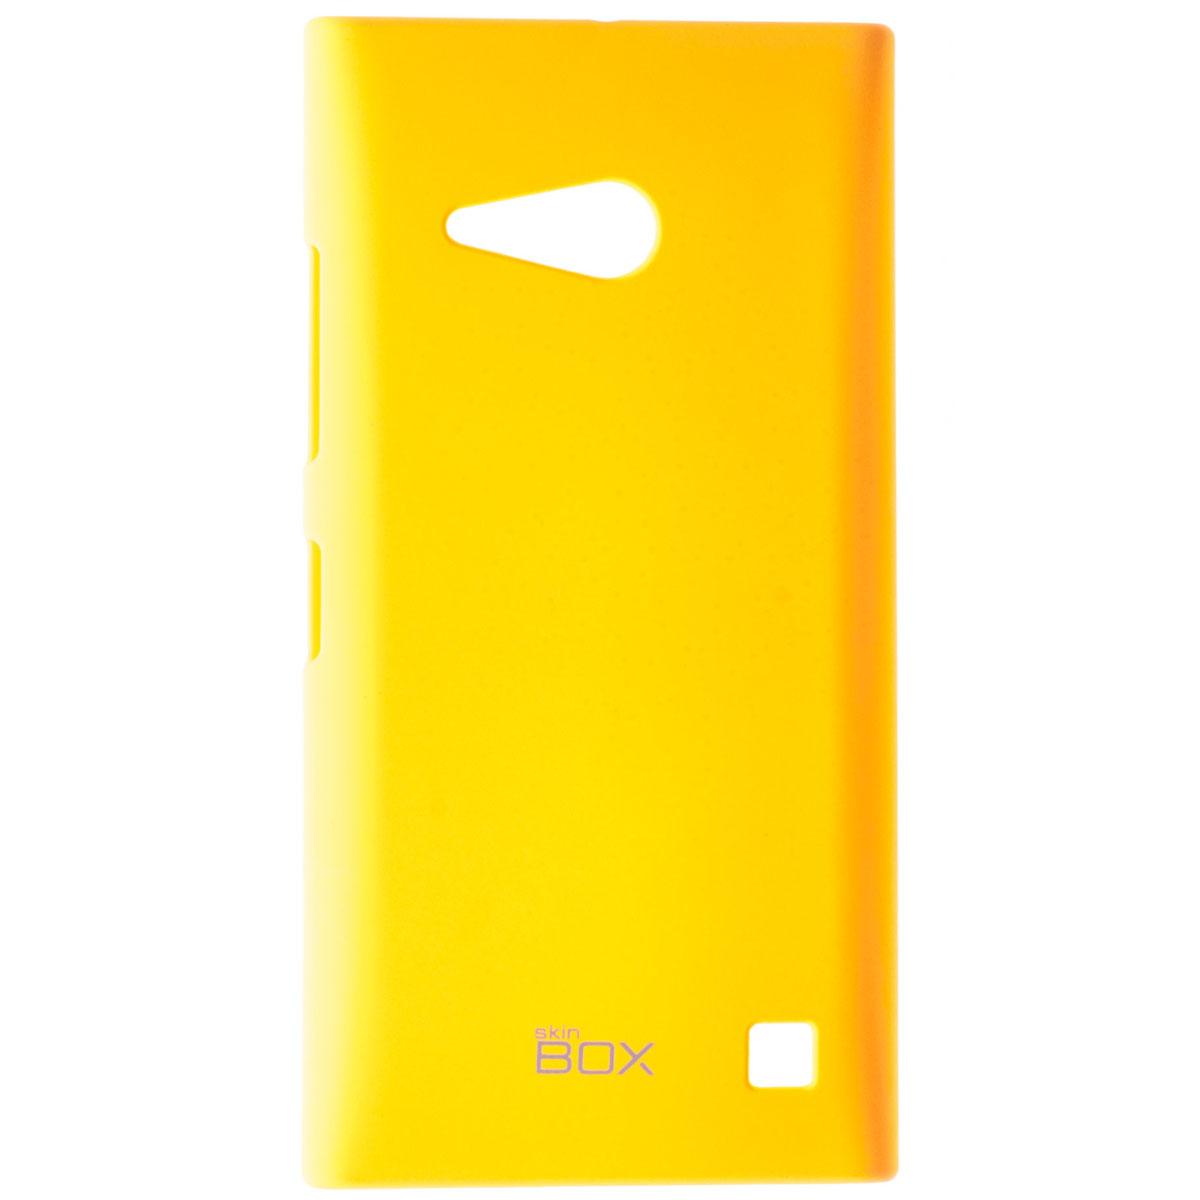 Skinbox Shield 4People чехол для Nokia Lumia 730/735, YellowT-S-NL730-002Чехол Skinbox Shield 4People для Nokia Lumia 730/735 предназначен для защиты корпуса смартфона от механических повреждений и царапин в процессе эксплуатации. Имеется свободный доступ ко всем разъемам и кнопкам устройства. В комплект также входит защитная пленка на экран телефона.